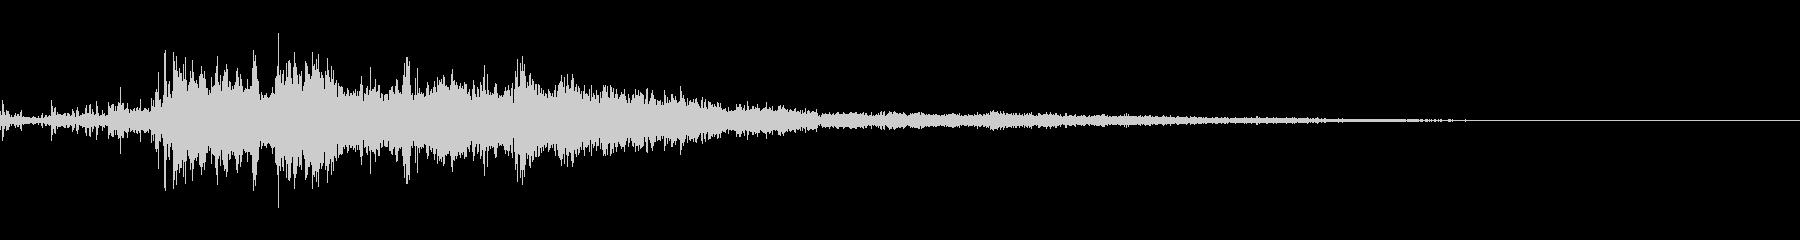 カミナリ(遠雷)-13の未再生の波形